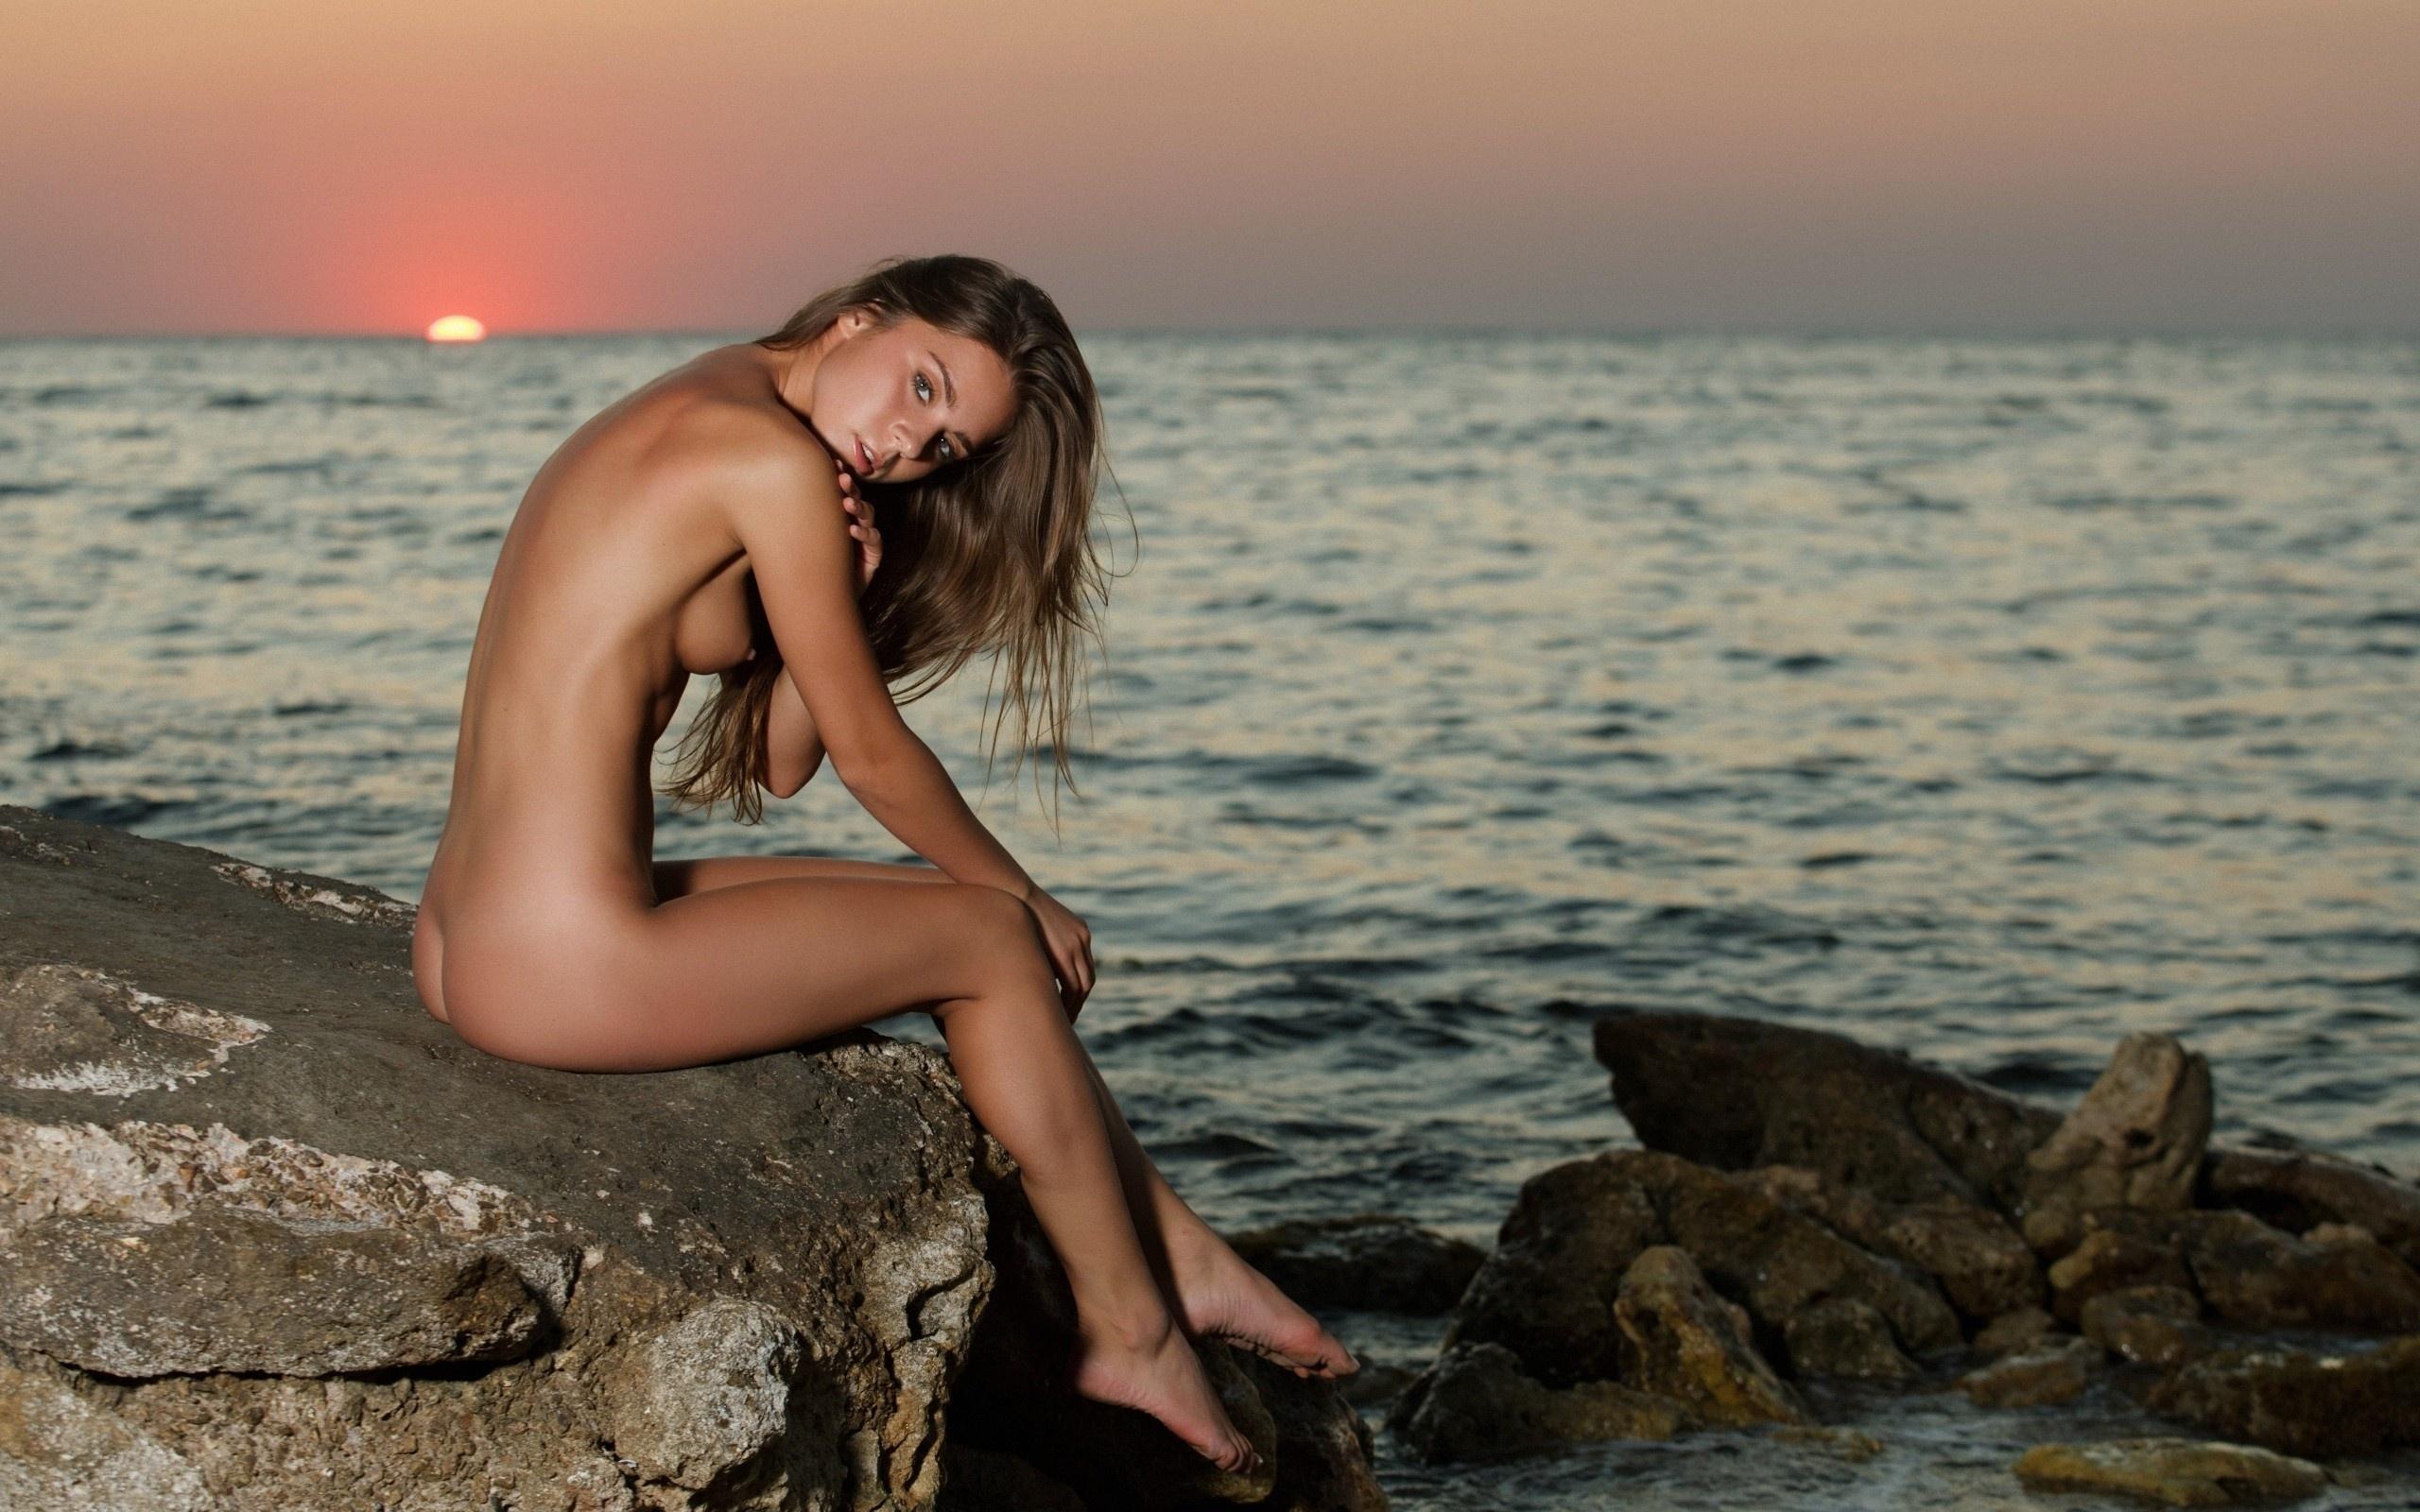 эротические фото с моря частное порно